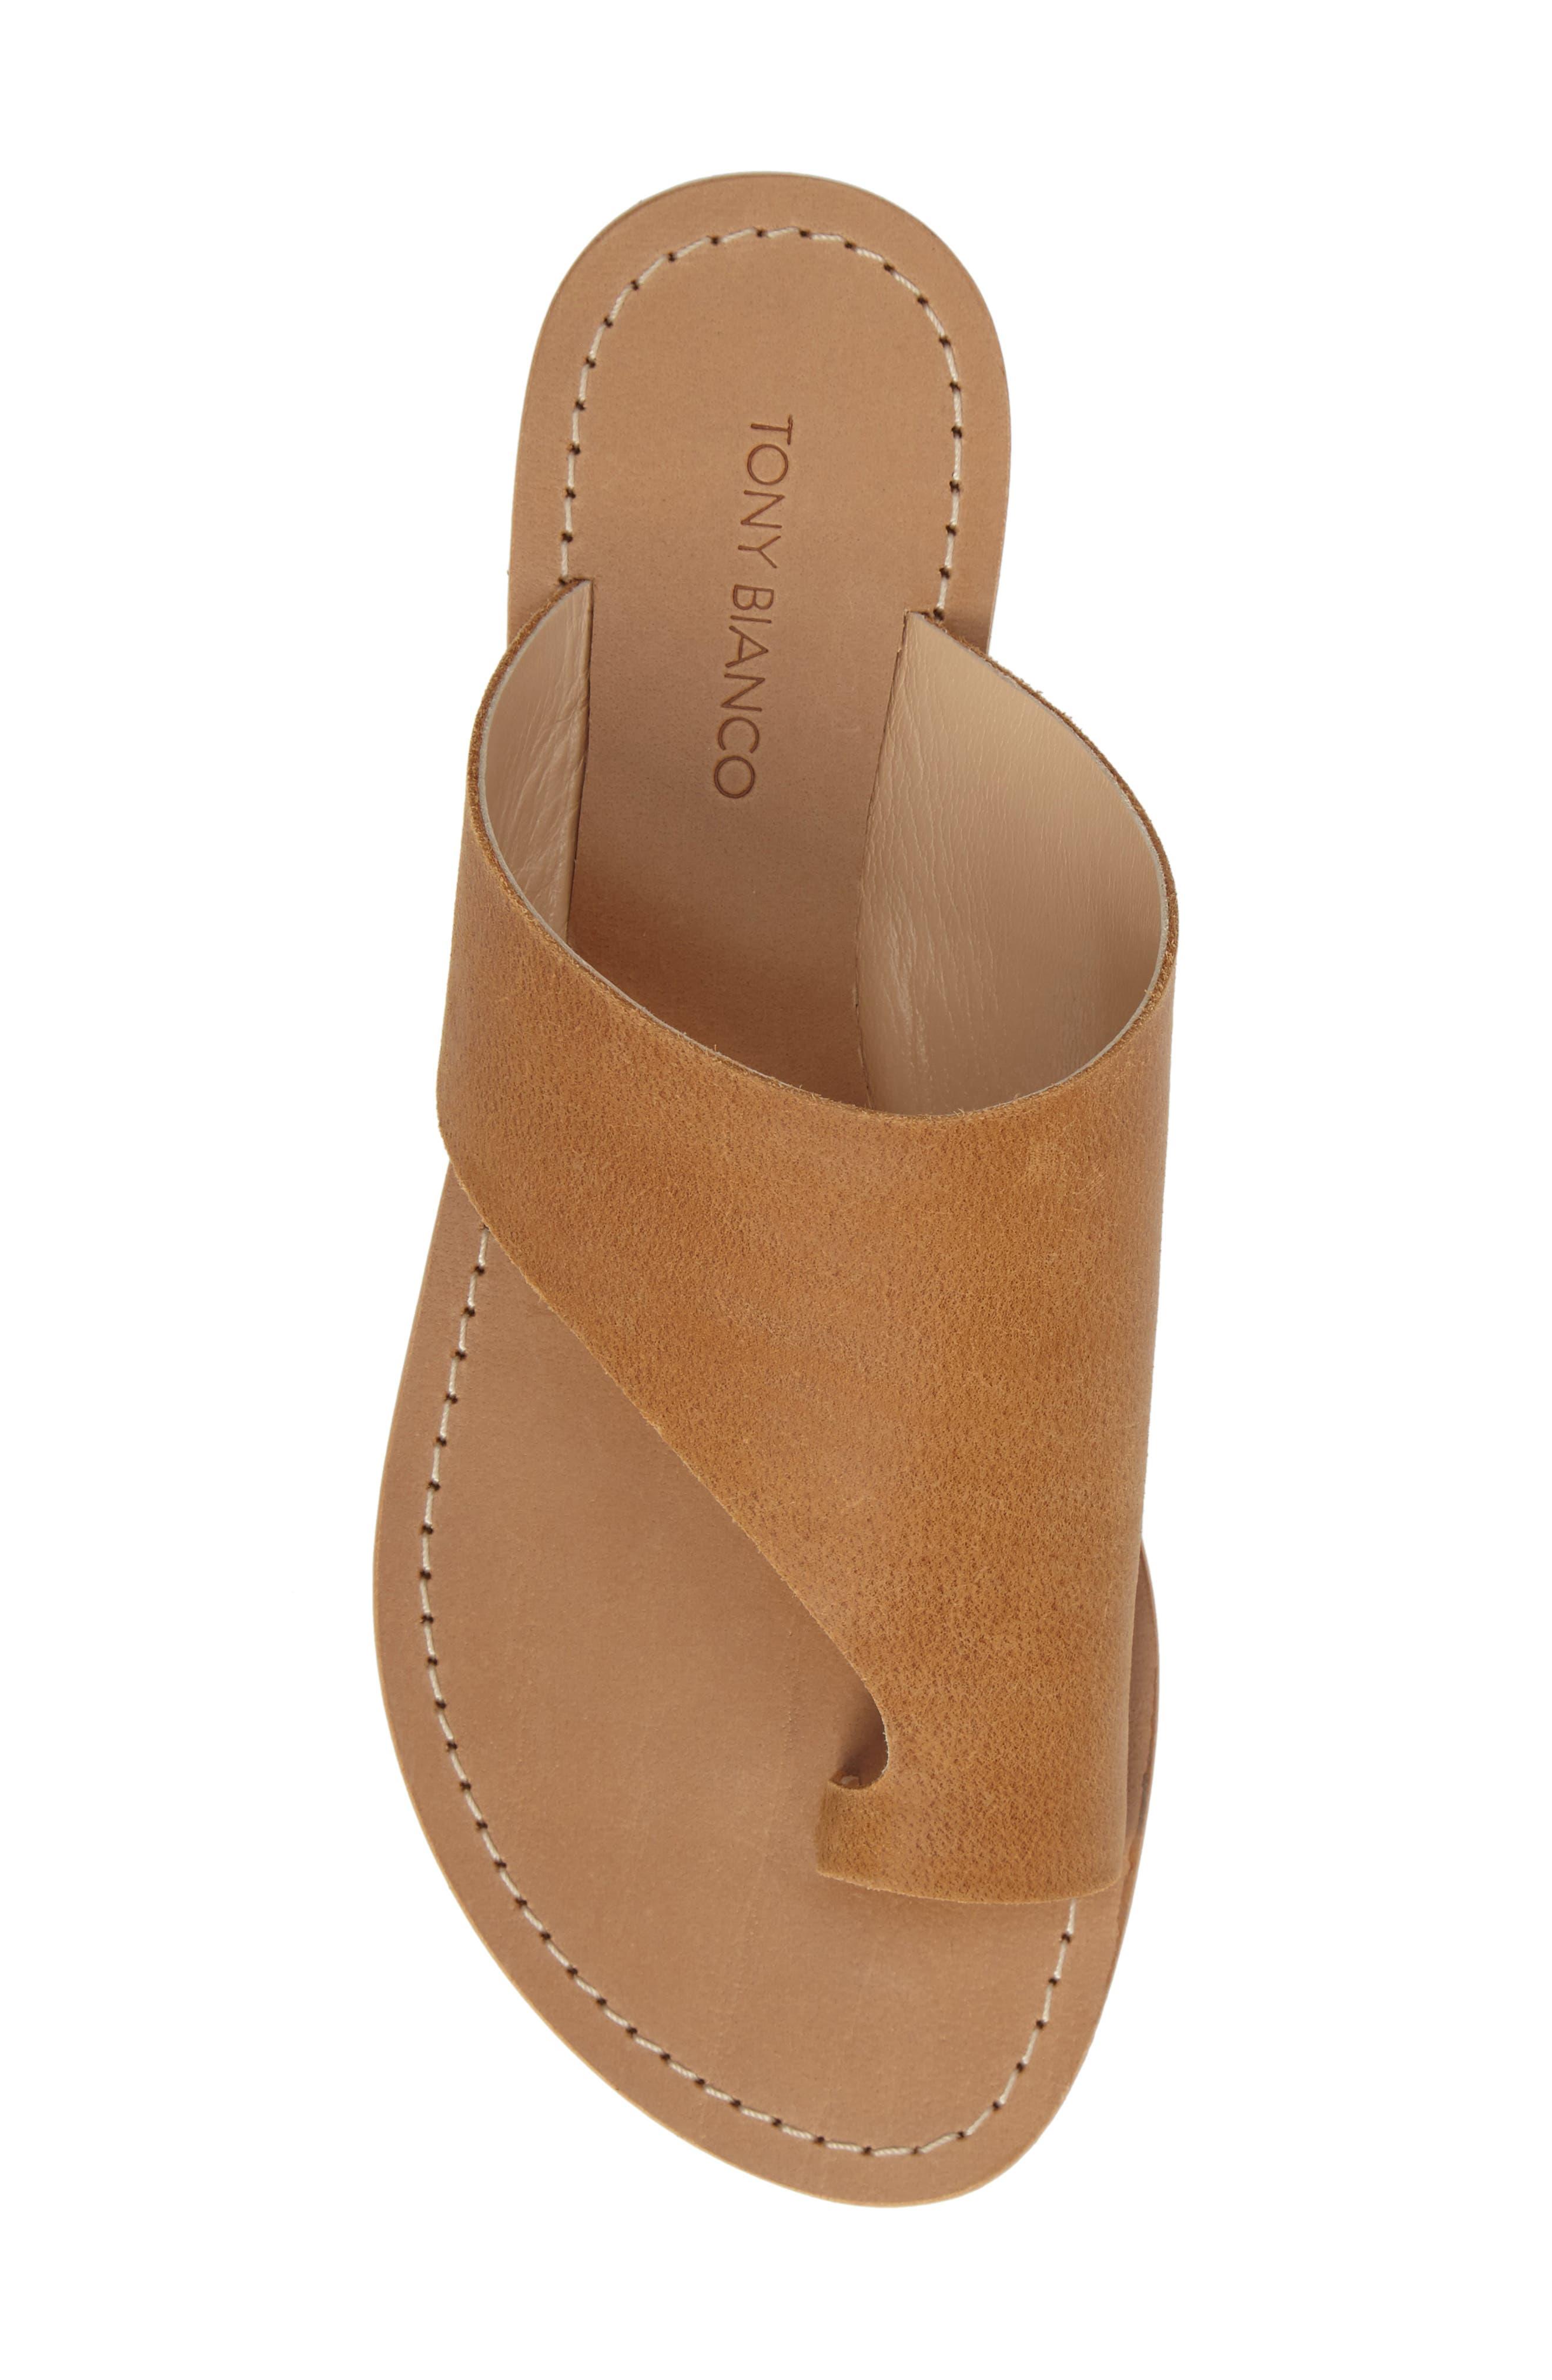 Fleet Slide Sandal,                             Alternate thumbnail 5, color,                             Tan Leather